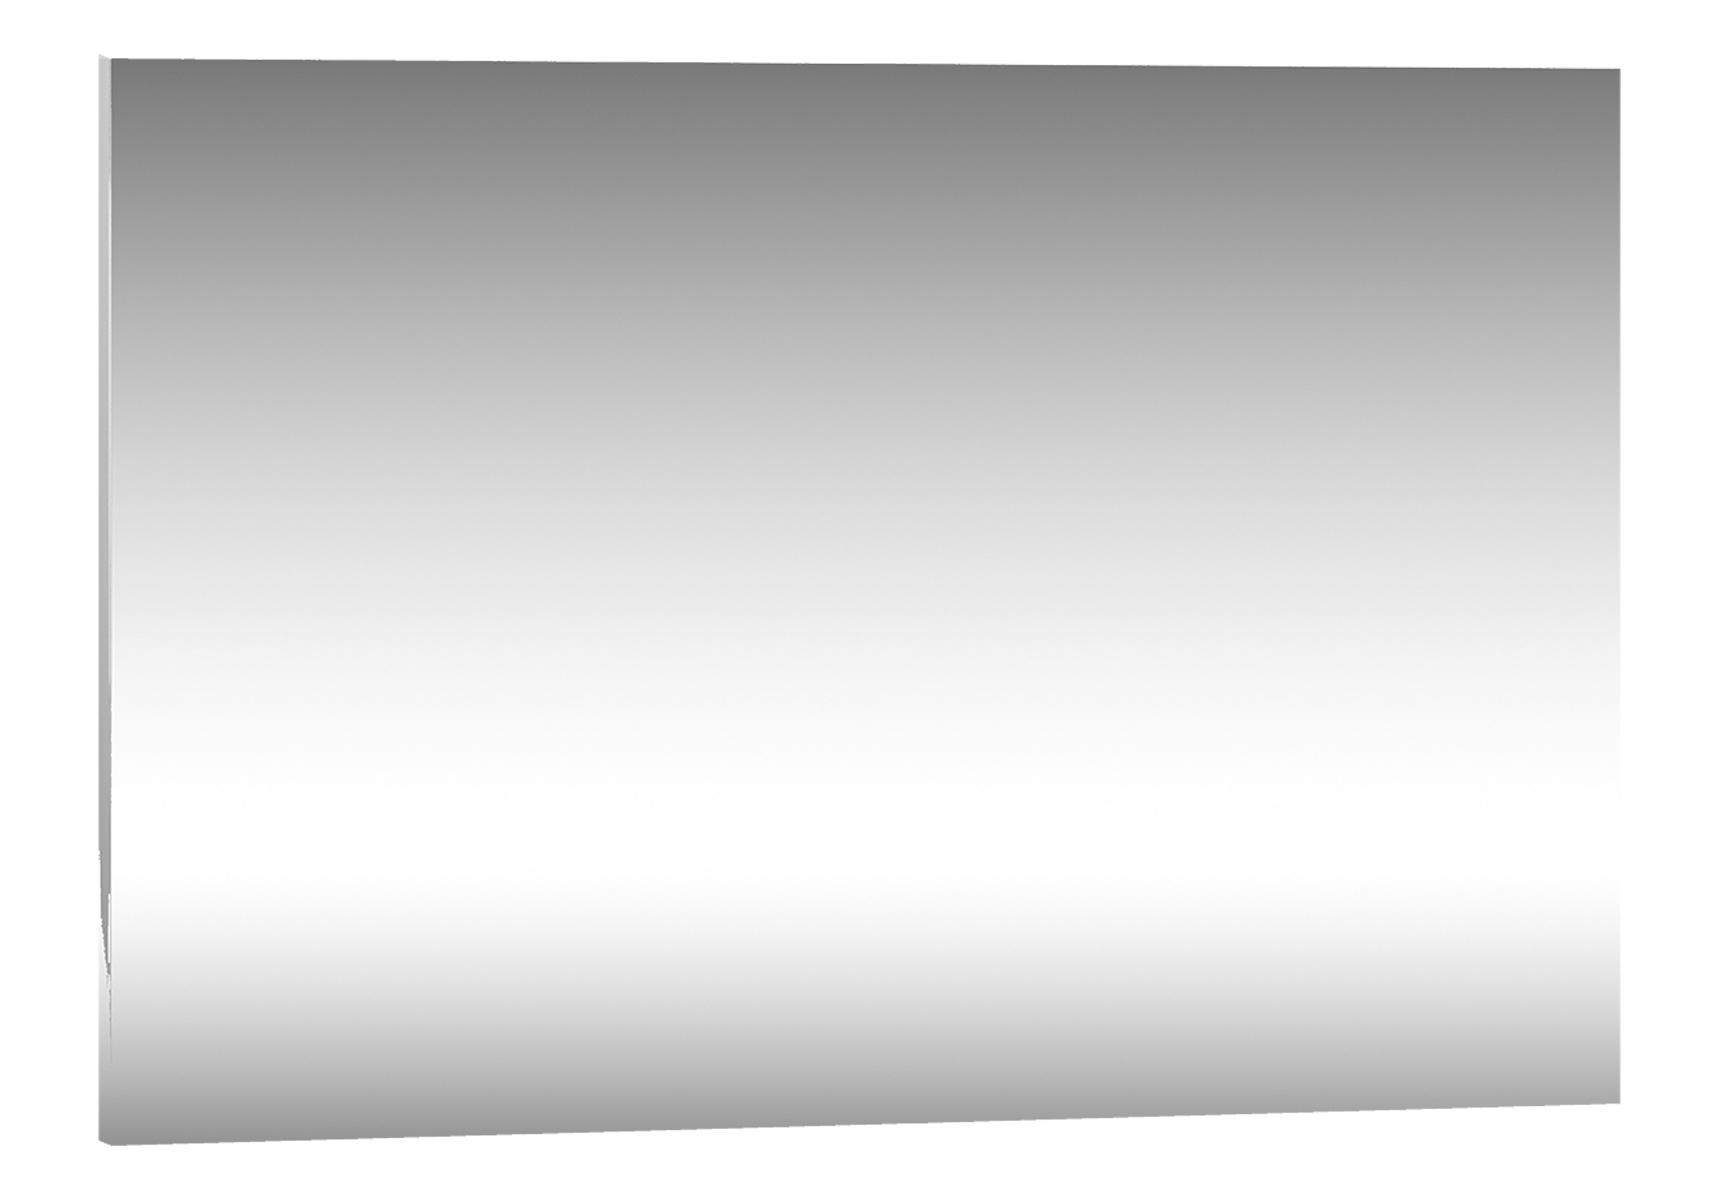 Memoria Deluxe miroir, 120 cm, anti-buée, avec éclairage haut et bas, avec commande de capteur